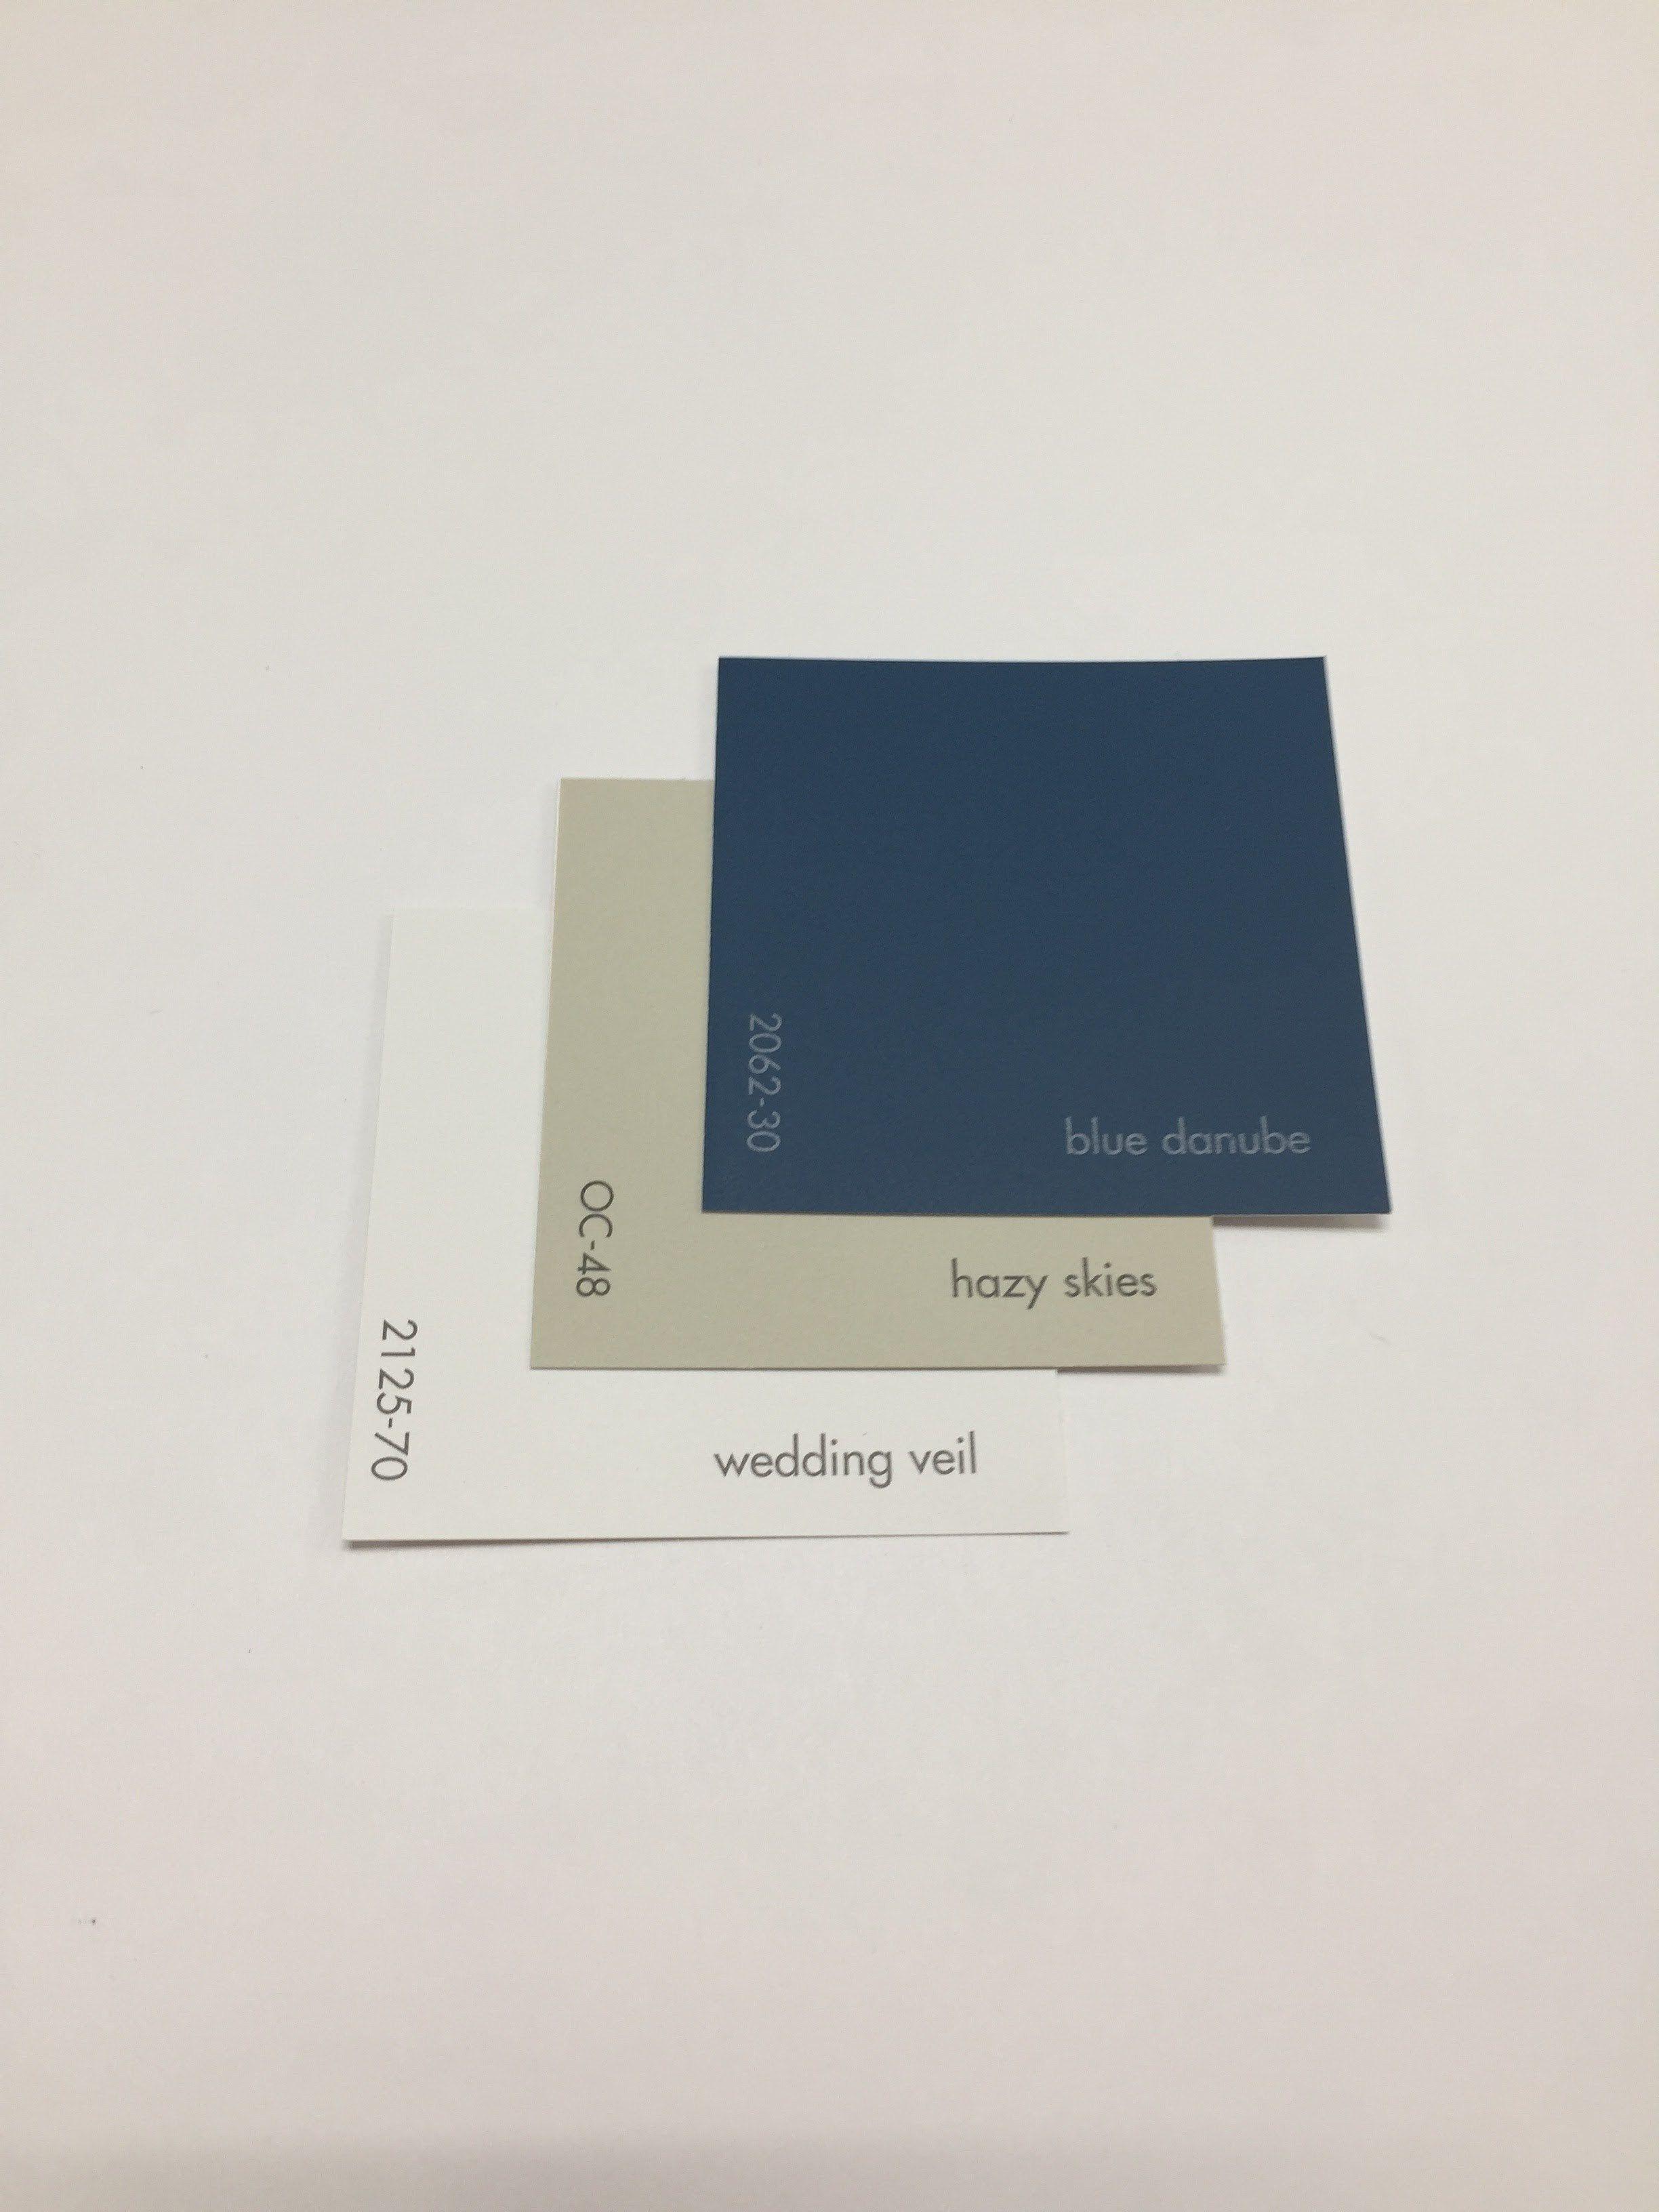 Benjamin moore blue danube 2062 30 hazy skies oc 48 wedding veil 2125 70